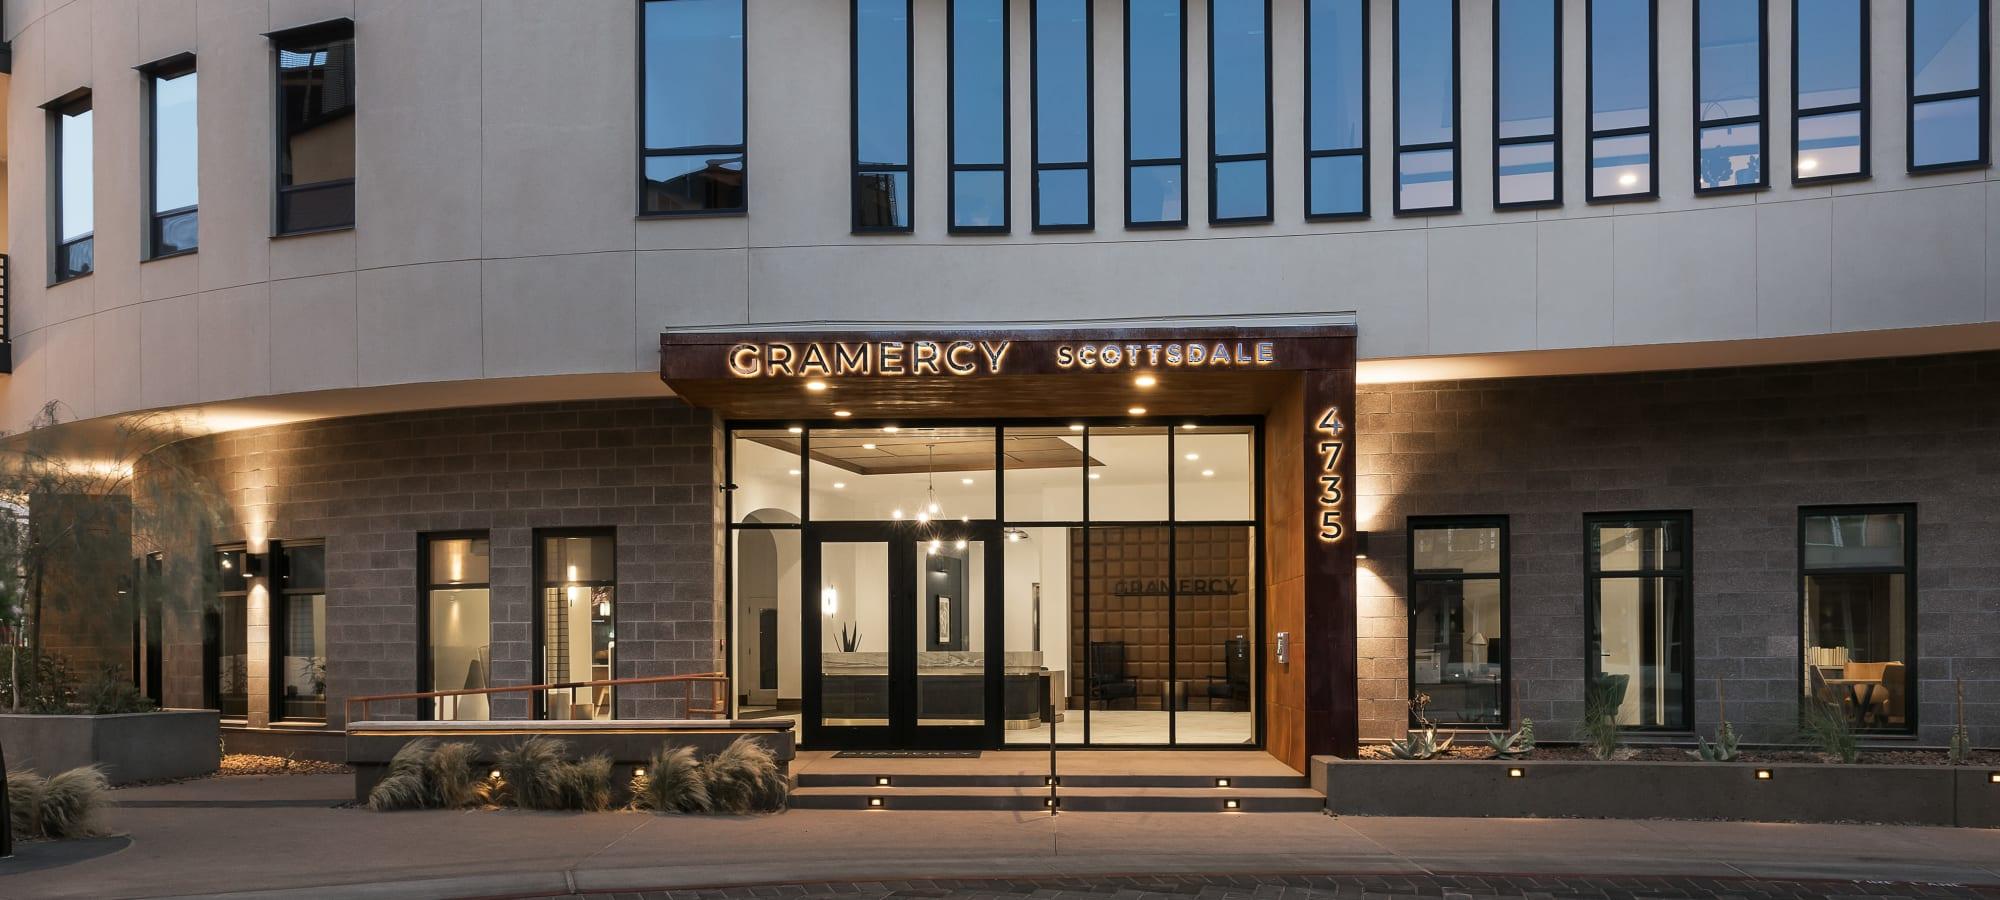 Entrance to Gramercy Scottsdale in Scottsdale, Arizona